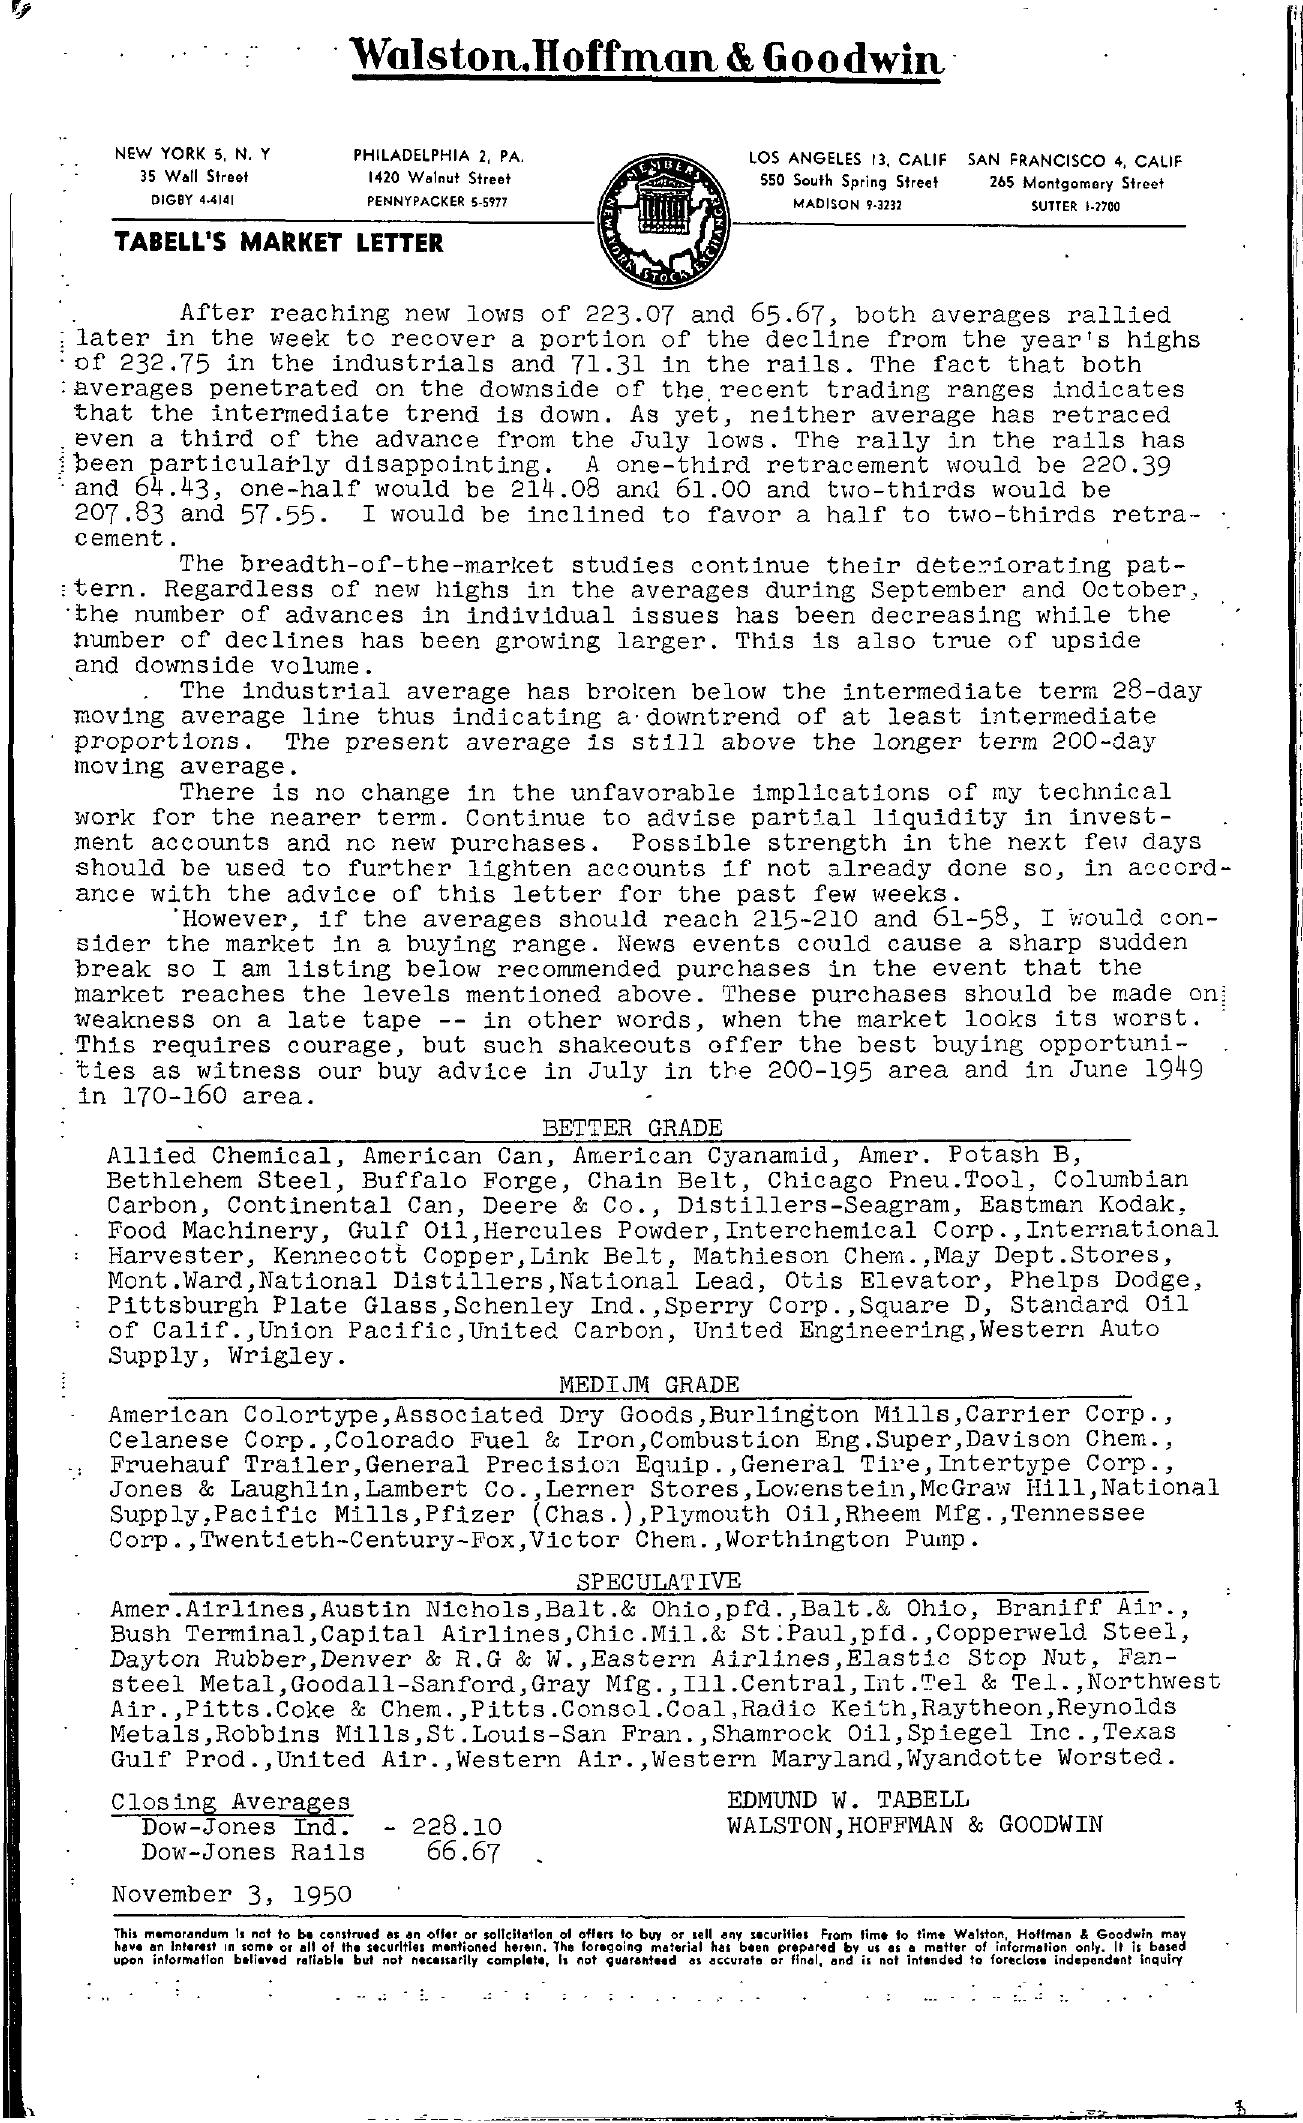 Tabell's Market Letter - November 03, 1950